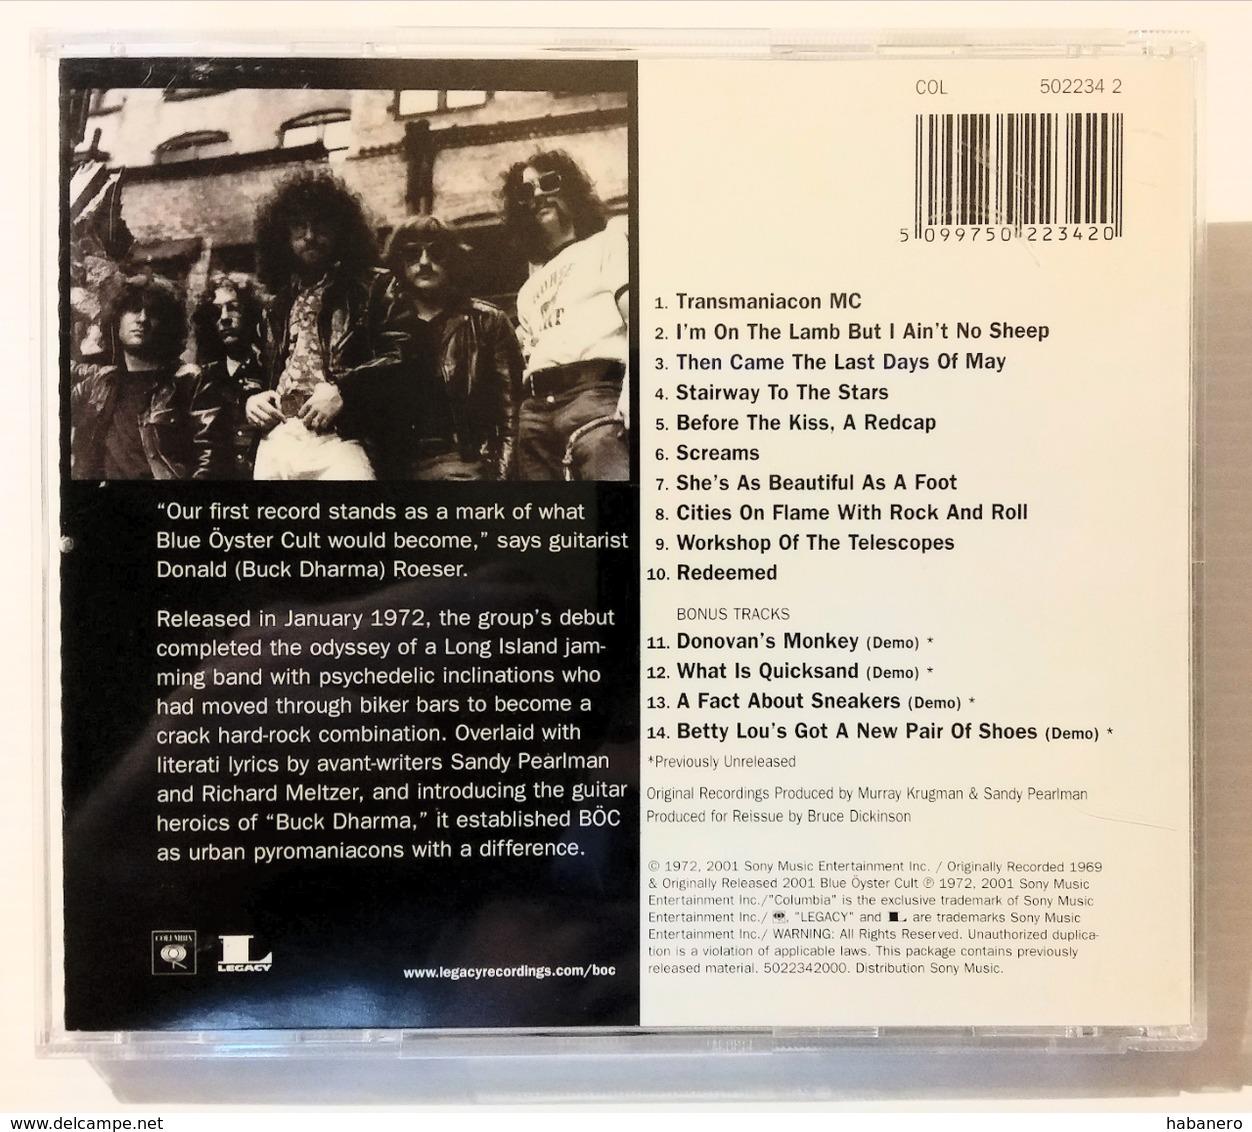 BLUE OYSTER CULT - REMASTERED & EXPANDED EDITION - CVLT CÖLLECTION - 4 BONUS TRACKS - Hard Rock & Metal